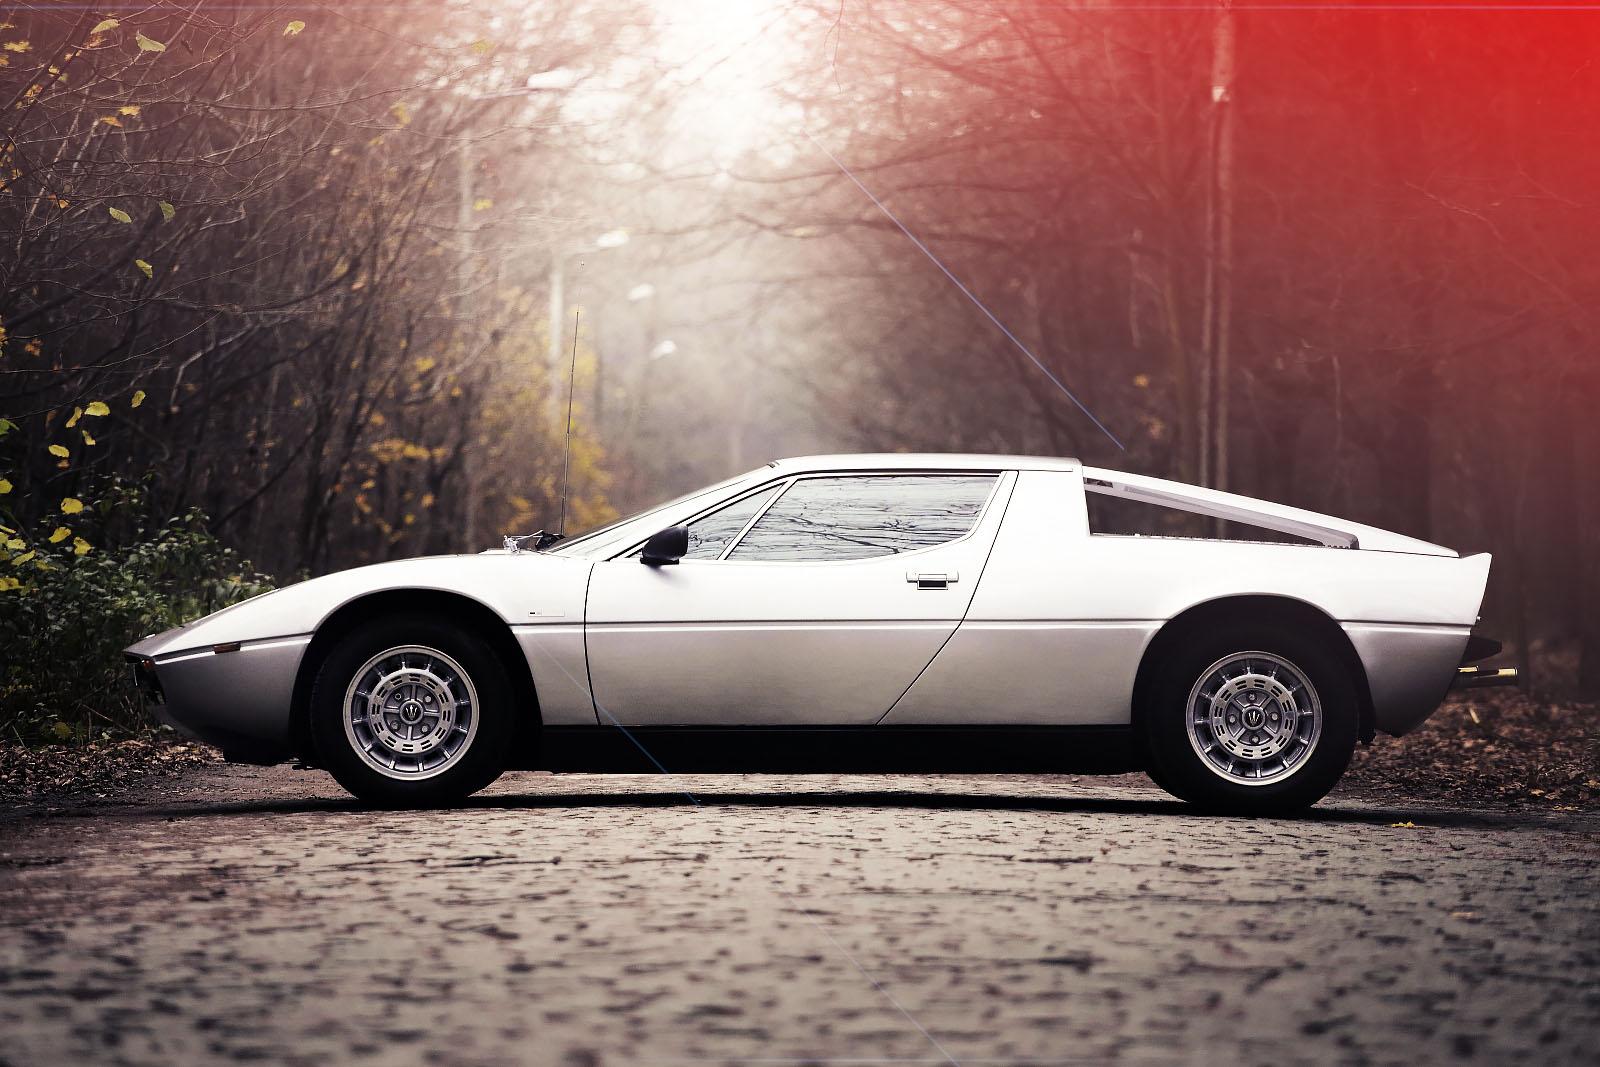 1981 Maserati Merak SS - road test - Drive